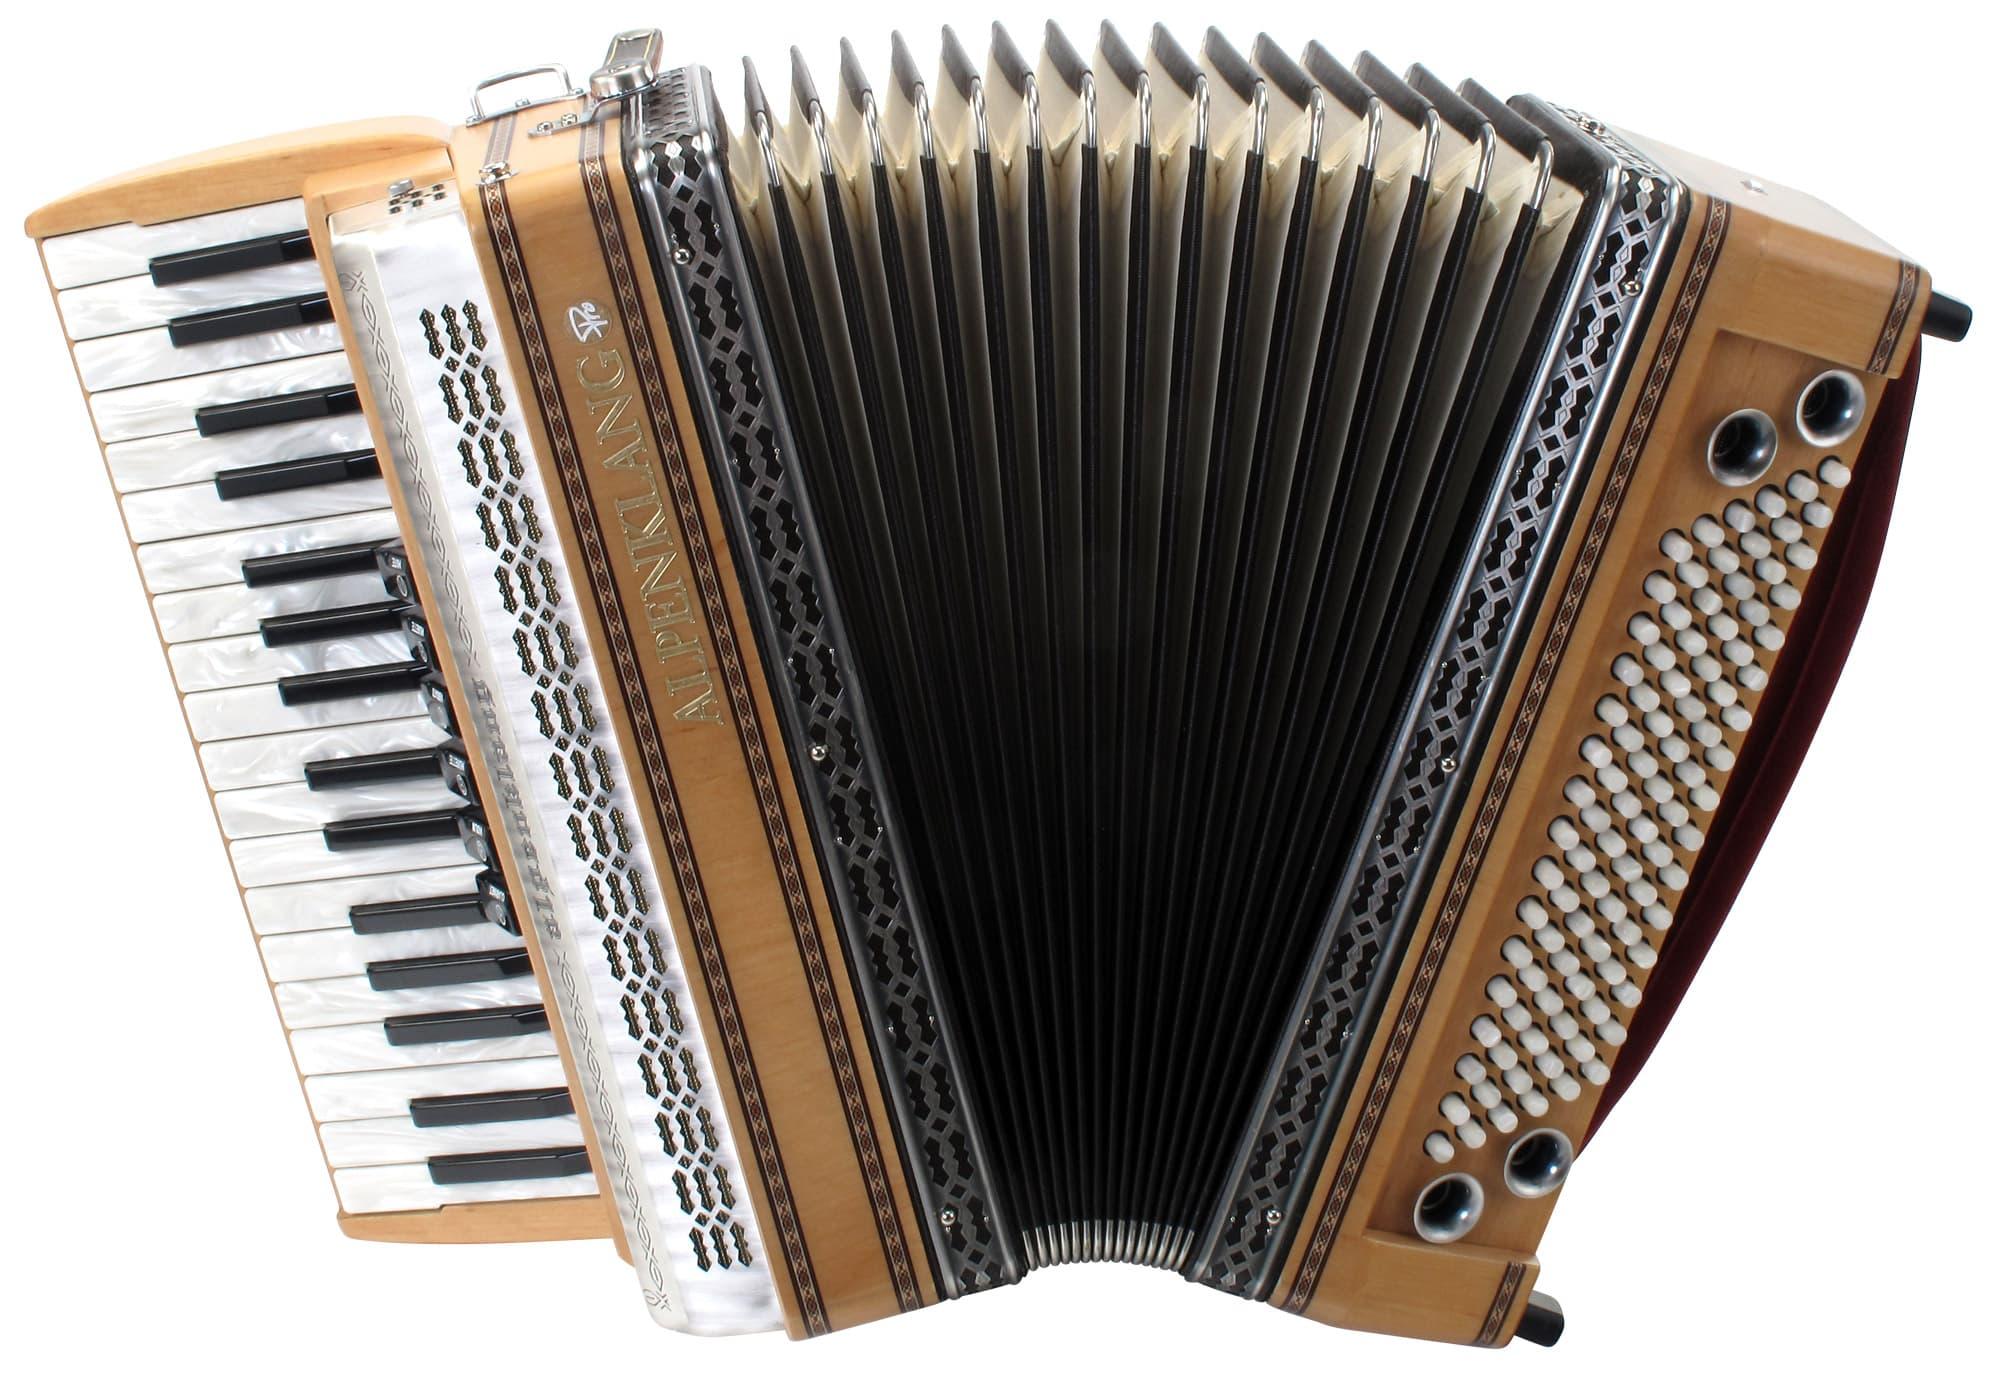 Akkordeons - Alpenklang Pro Akkordeon III 96 Tasten Steirische Erle, weißer Balg - Onlineshop Musikhaus Kirstein